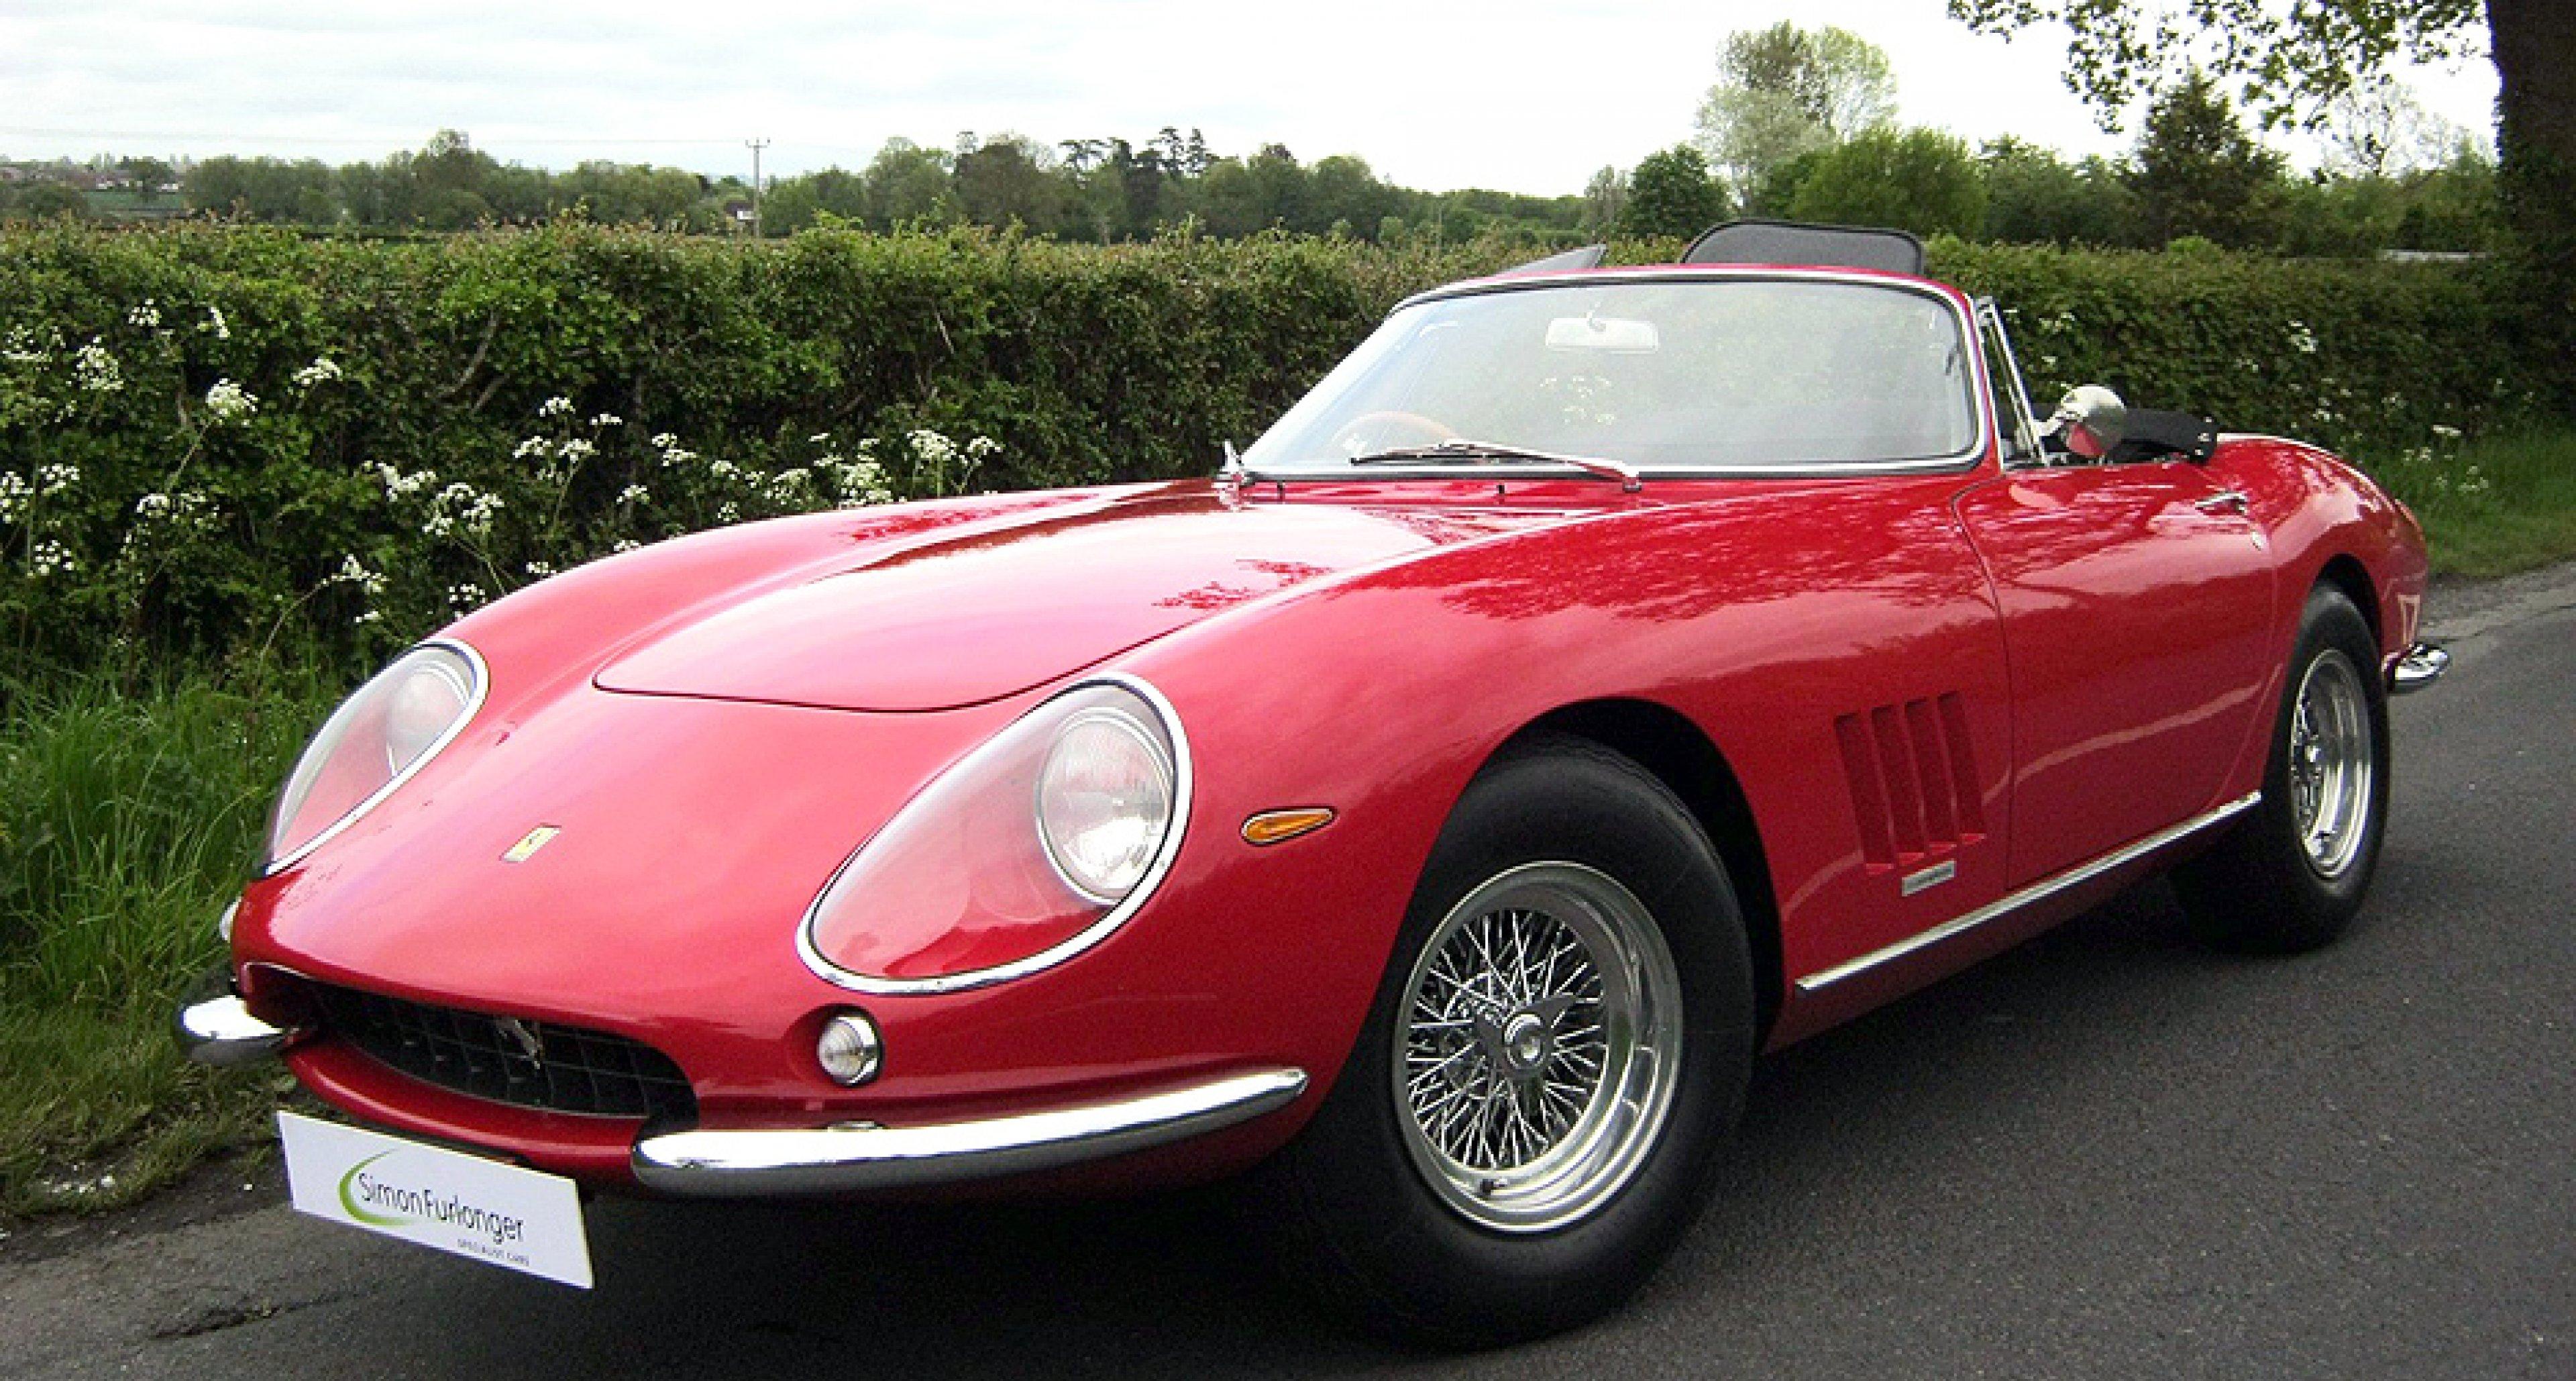 Ferrari 275 Gtb N A R T Spider Eine Seltene Gelegenheit Classic Driver Magazine